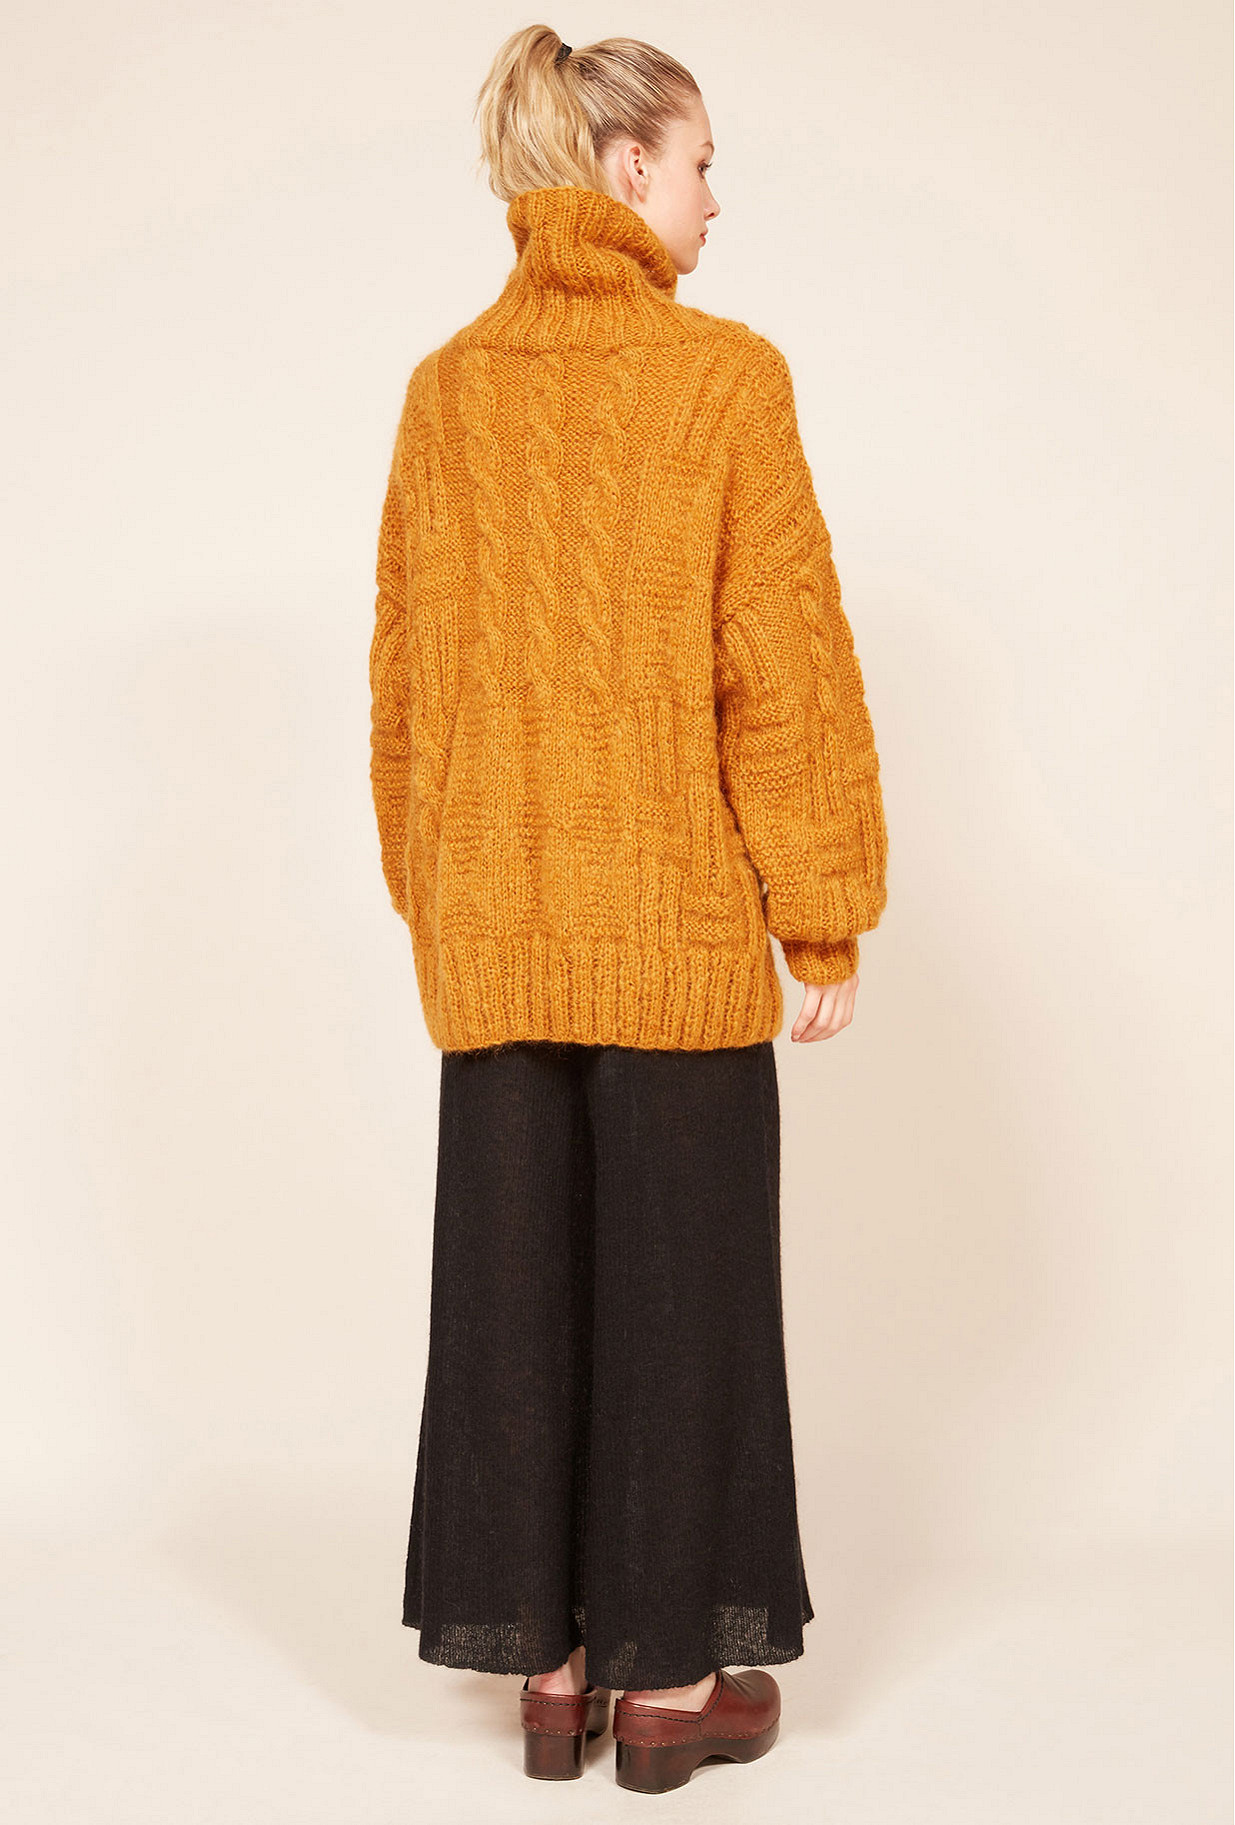 Paris clothes store Sweater  Collie french designer fashion Paris